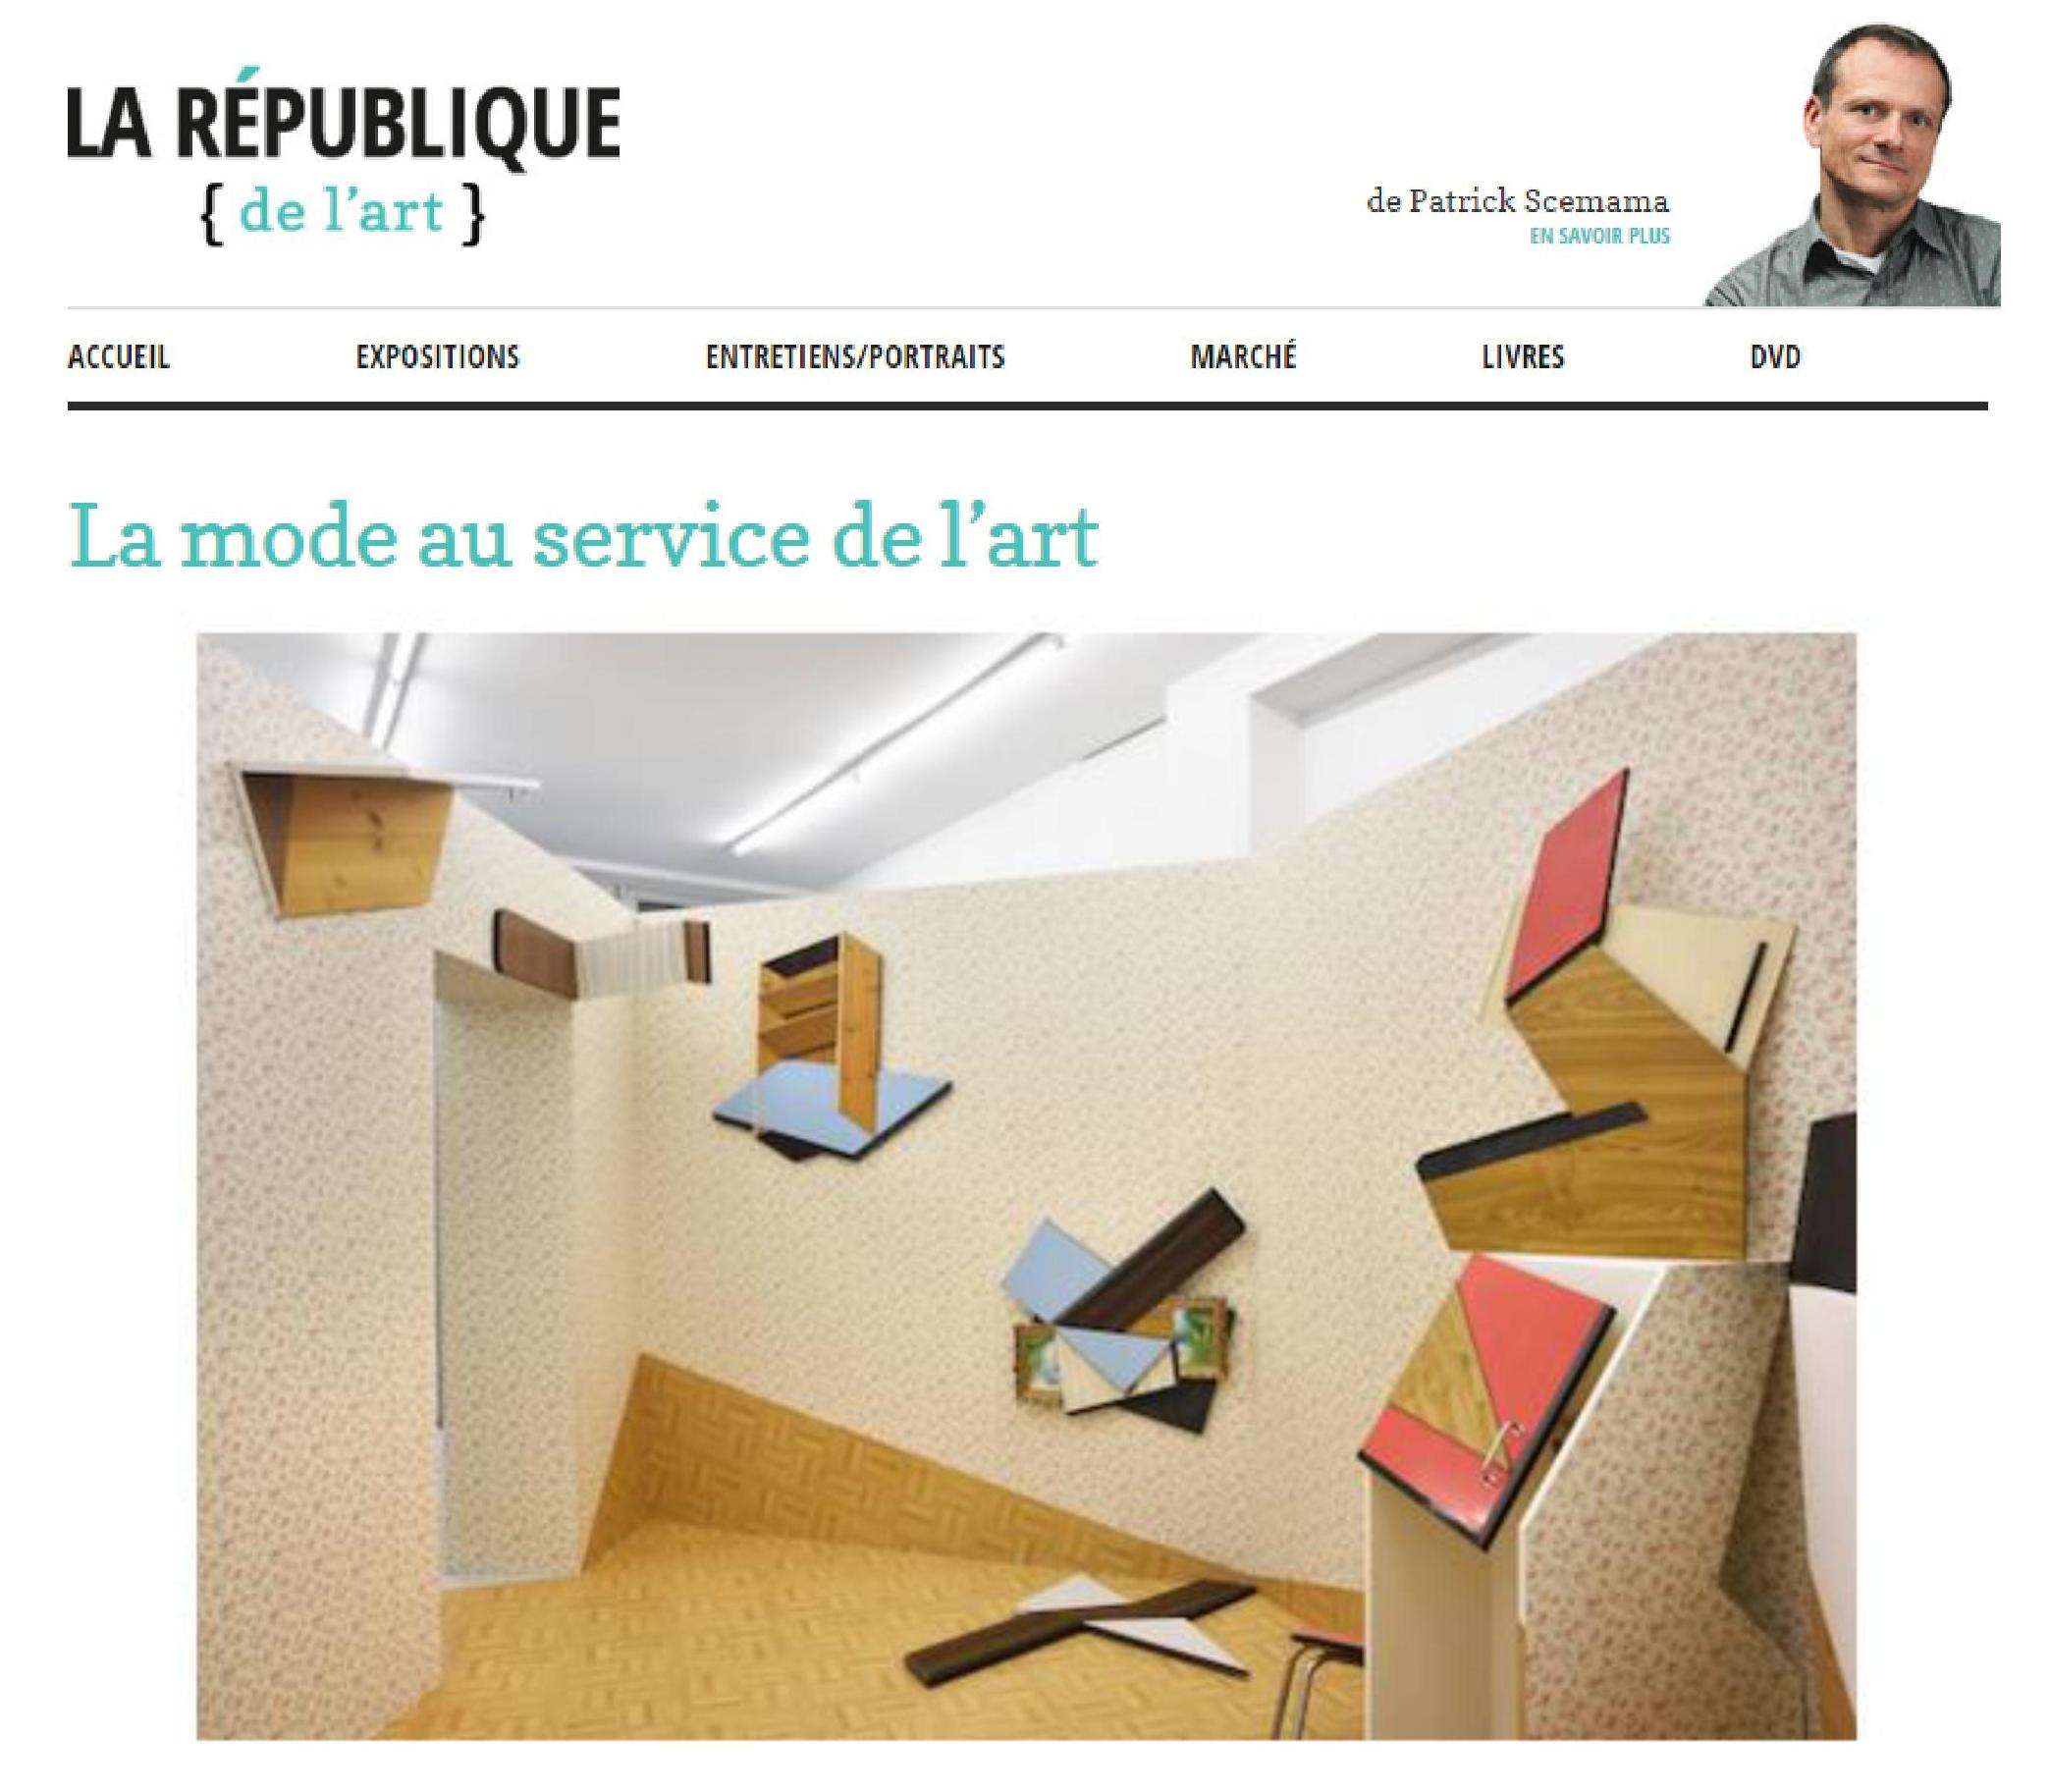 LA REPUBLIQUE DE L'ART